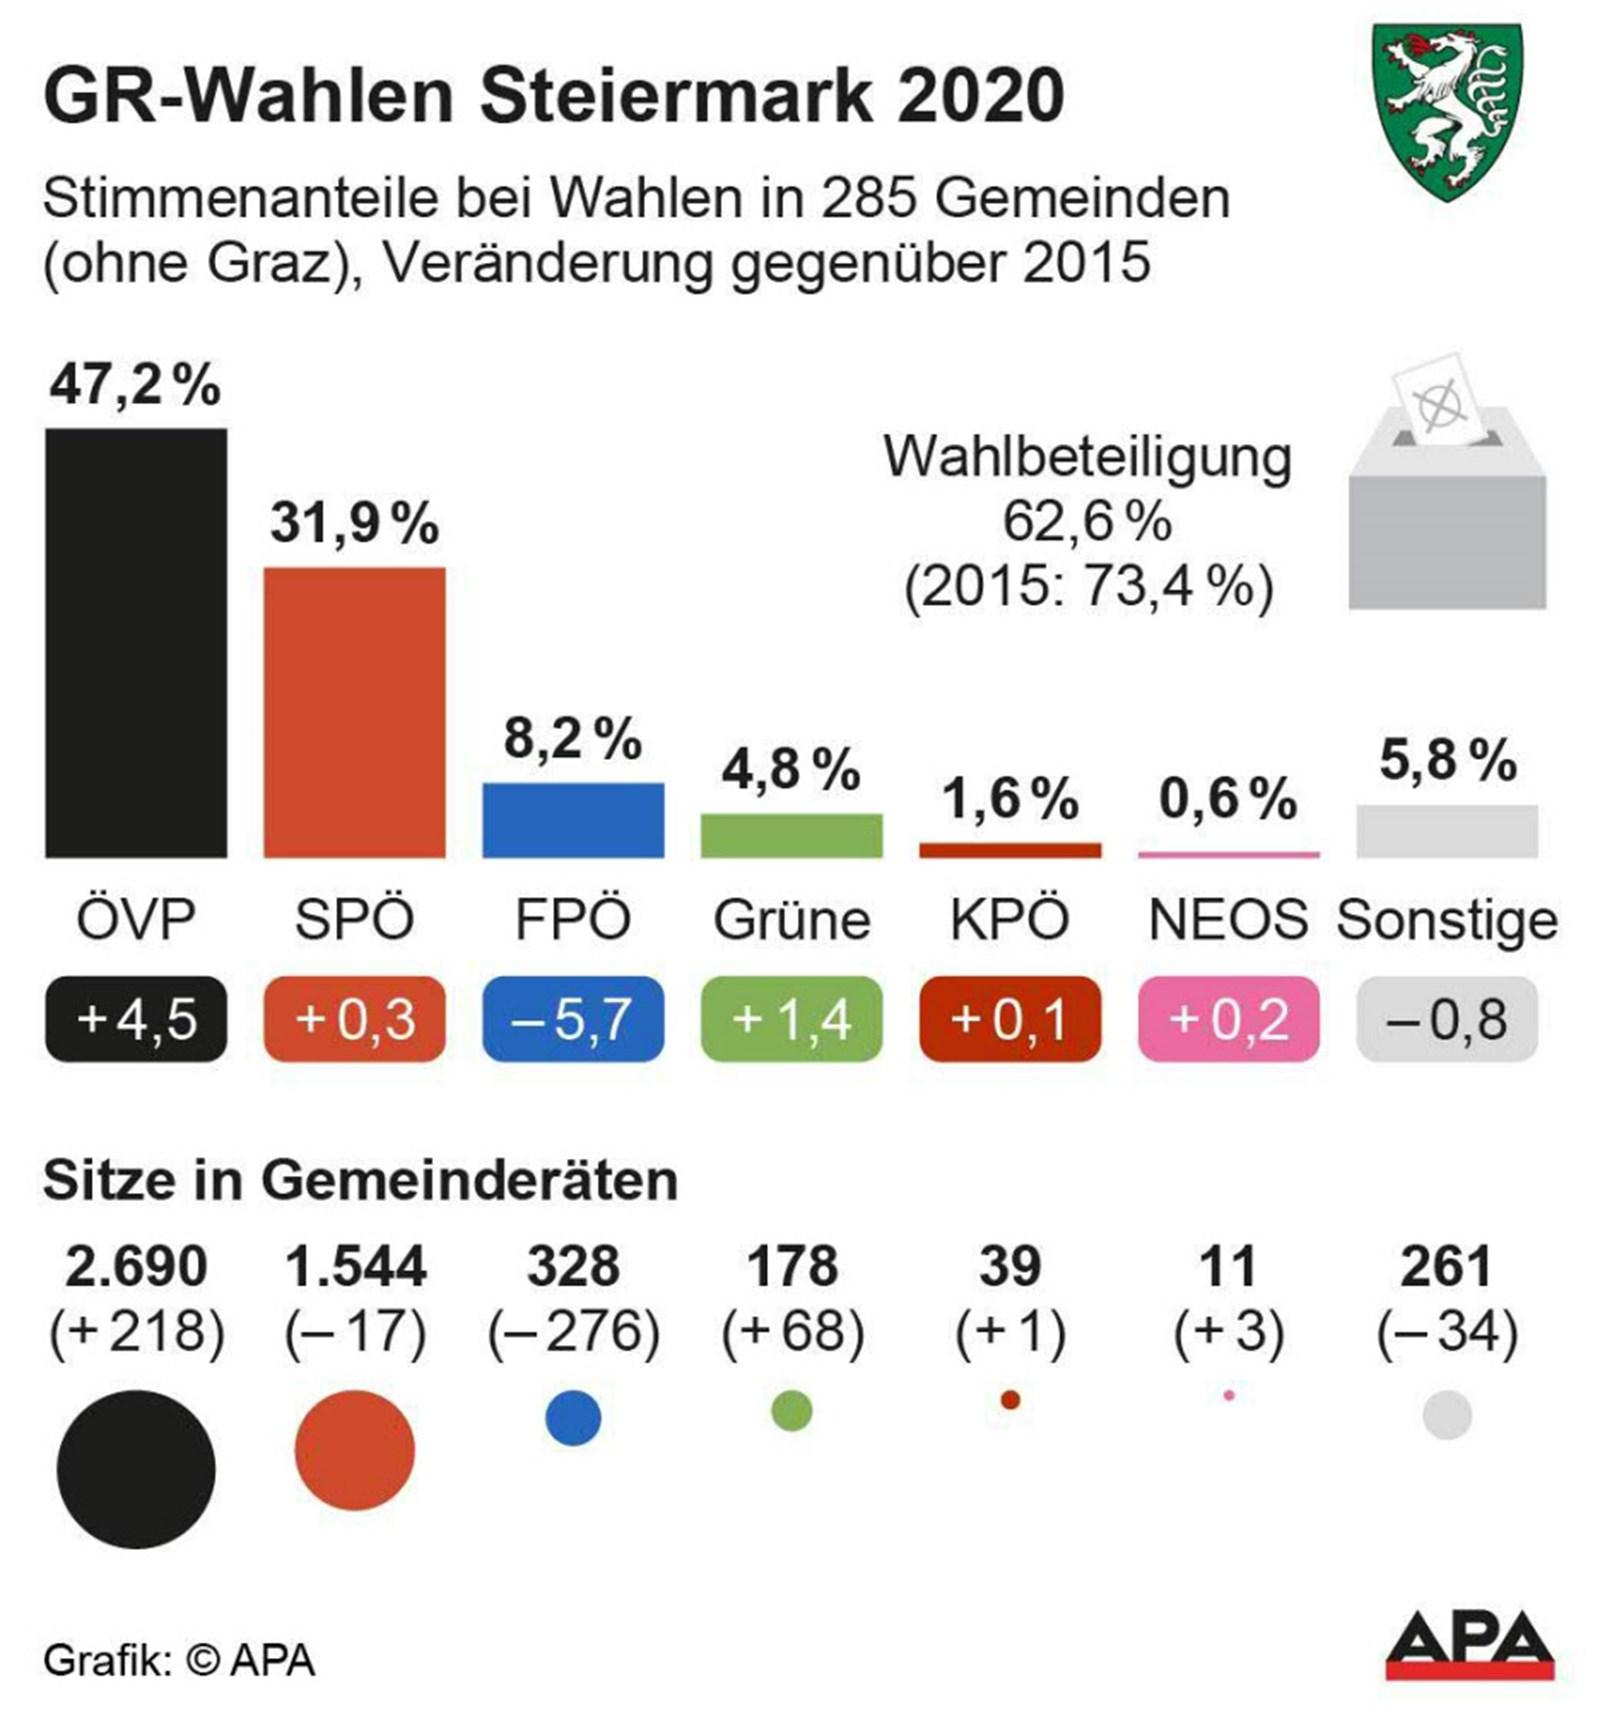 Wahl Steiermark